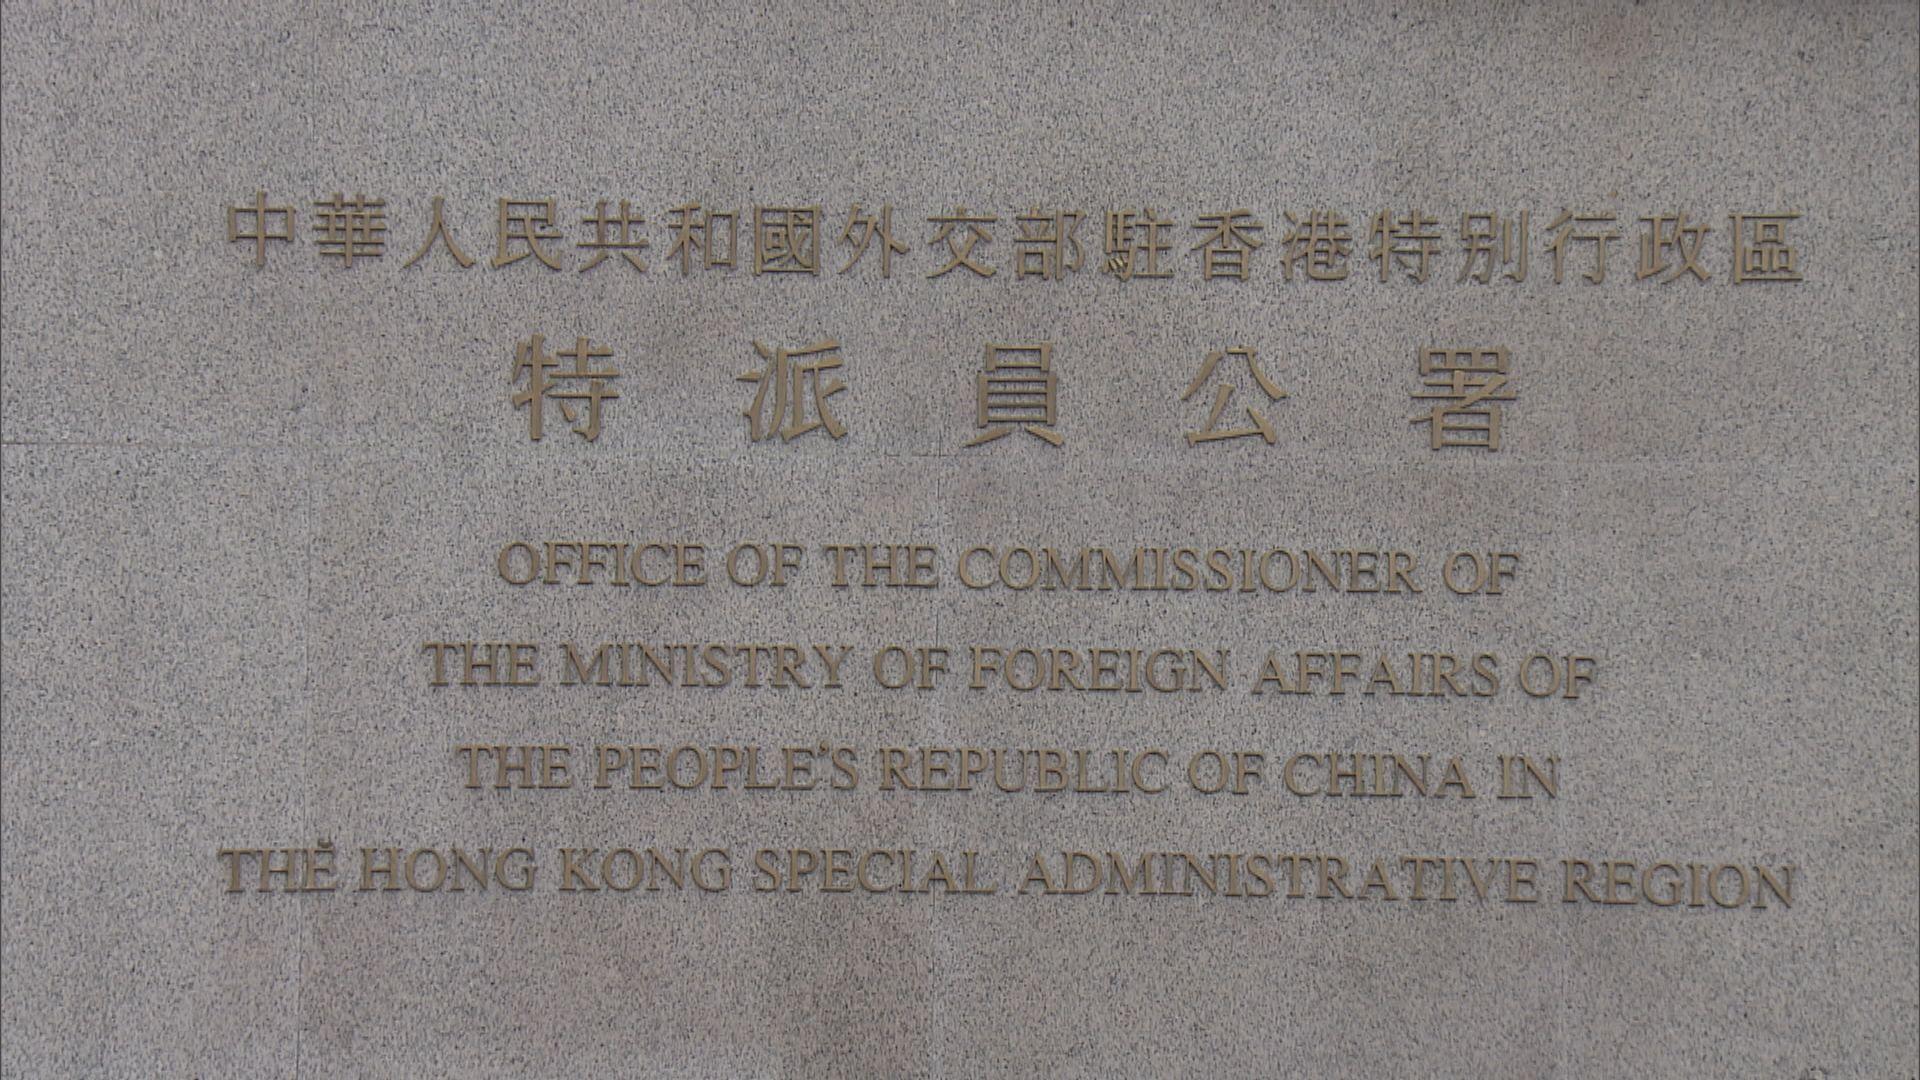 外交部駐港公署斥有國家對香港國安法妄加評論